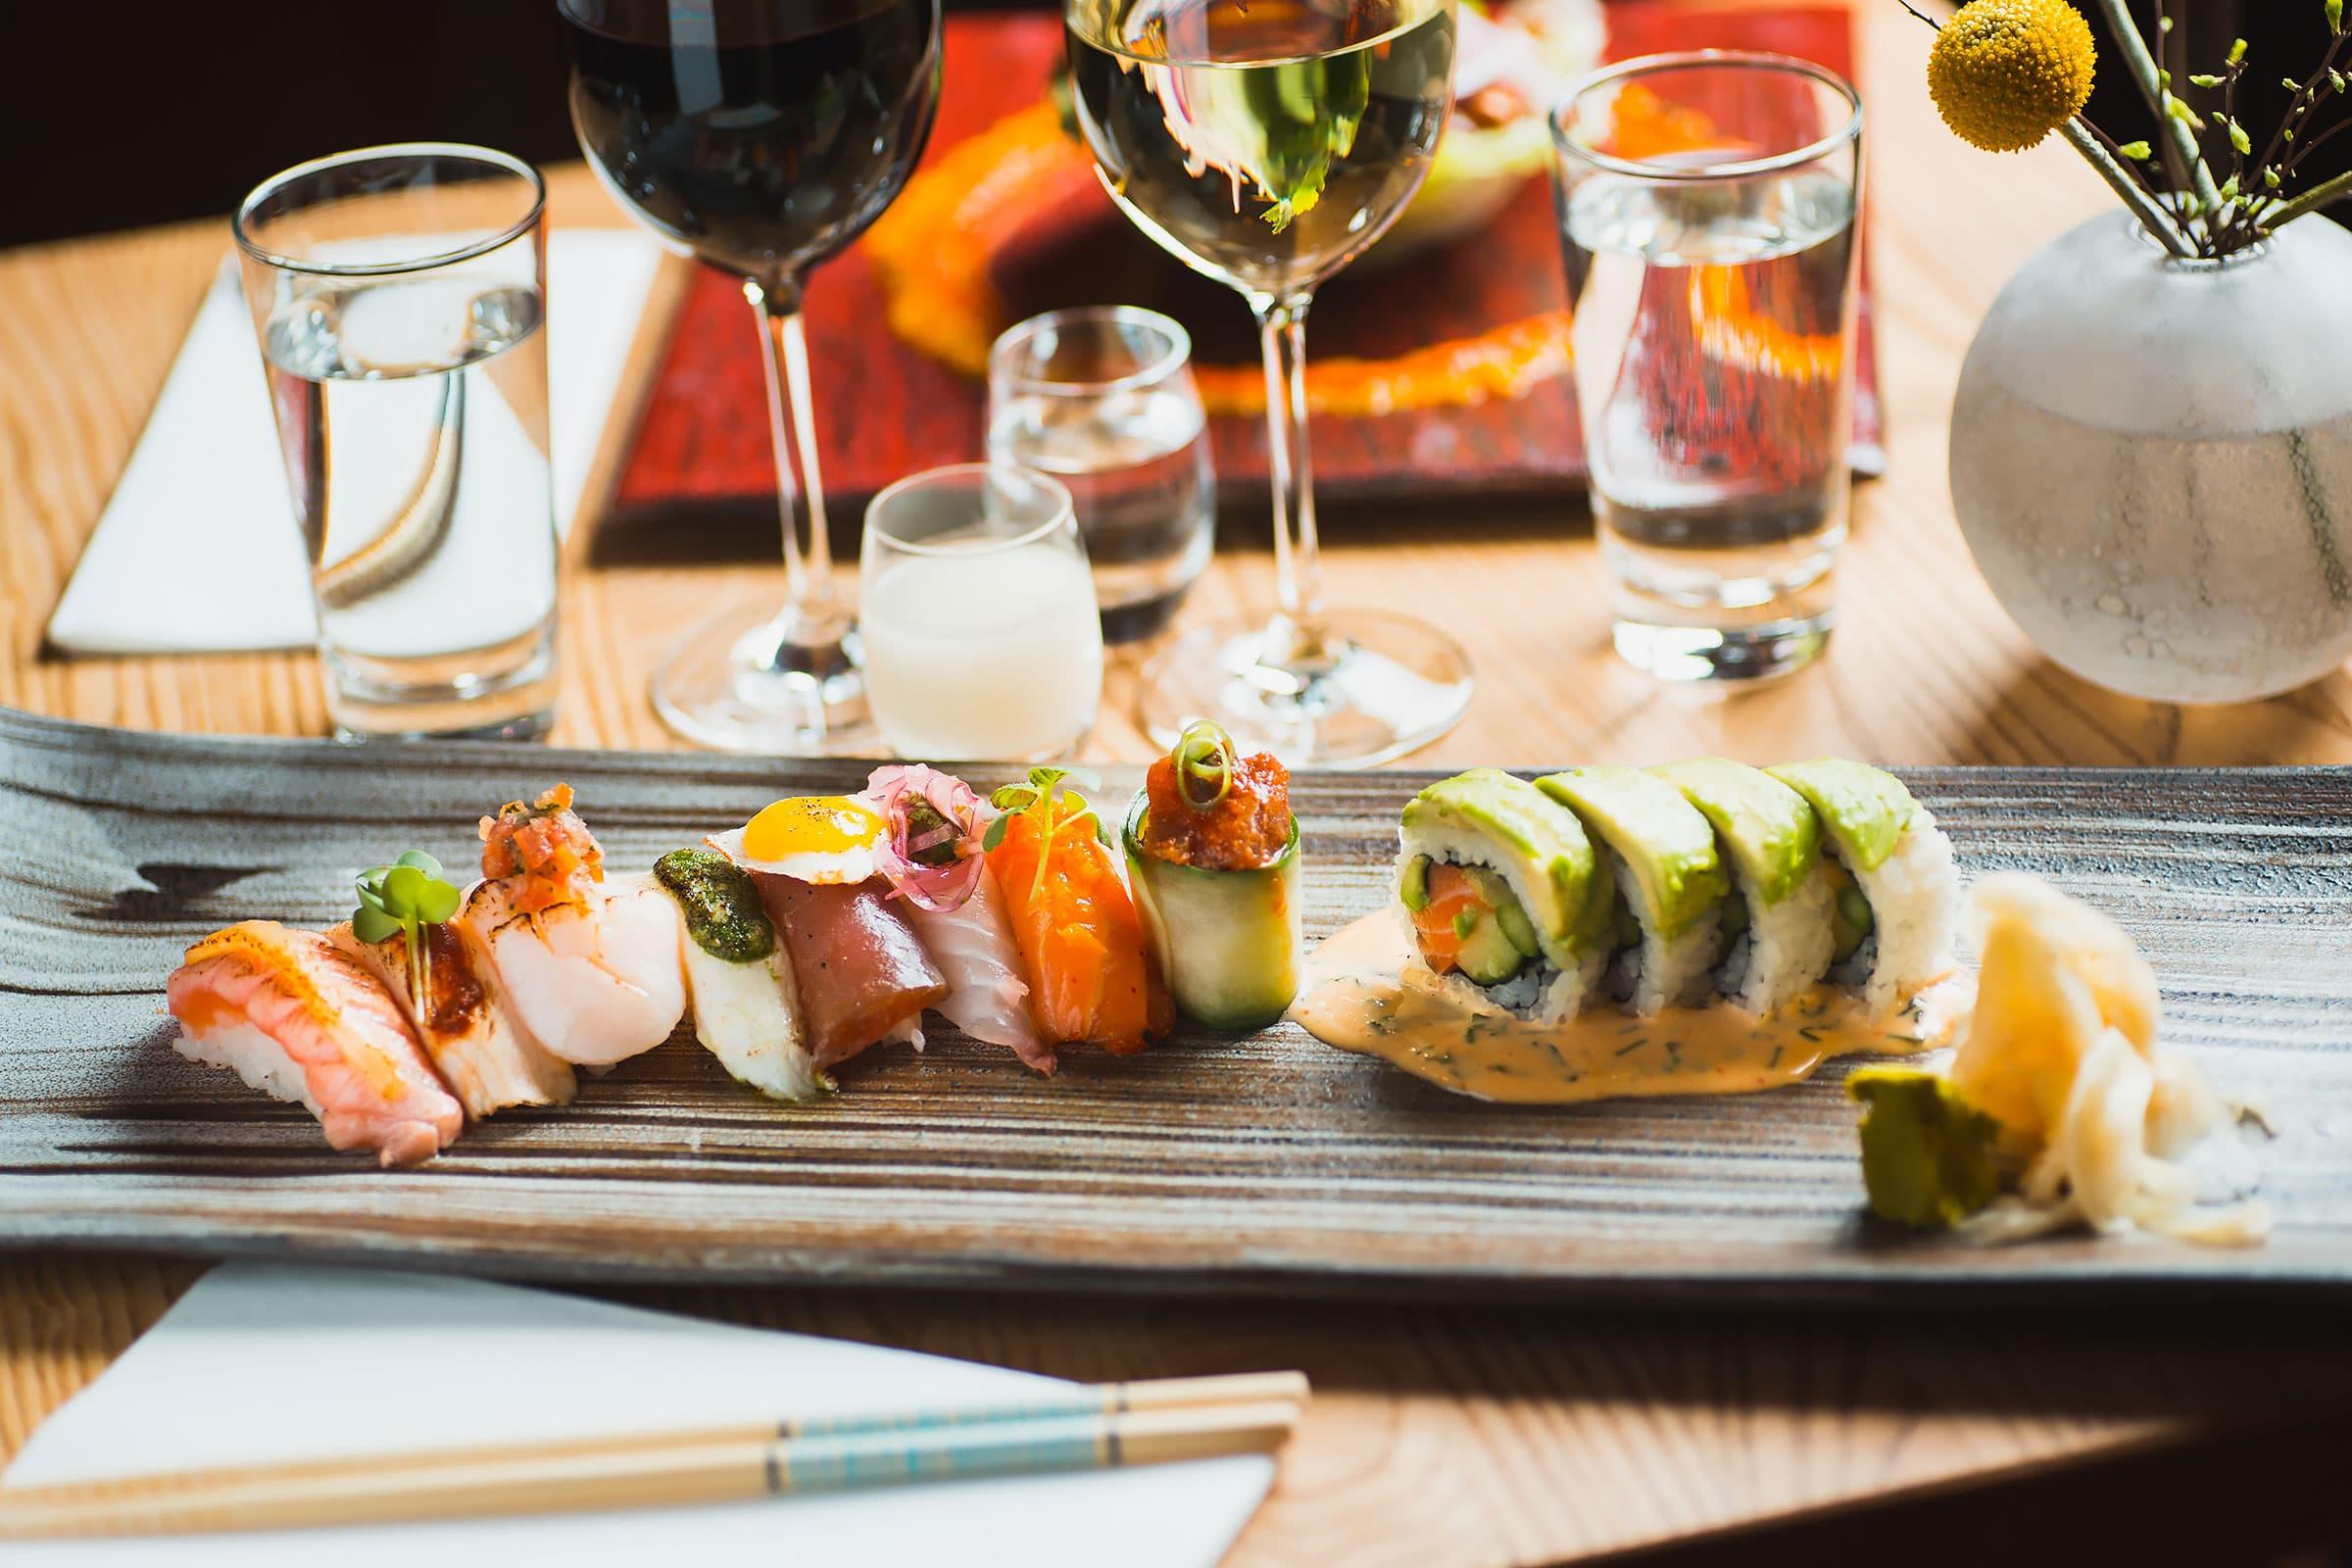 bästa restaurang göteborg 2019